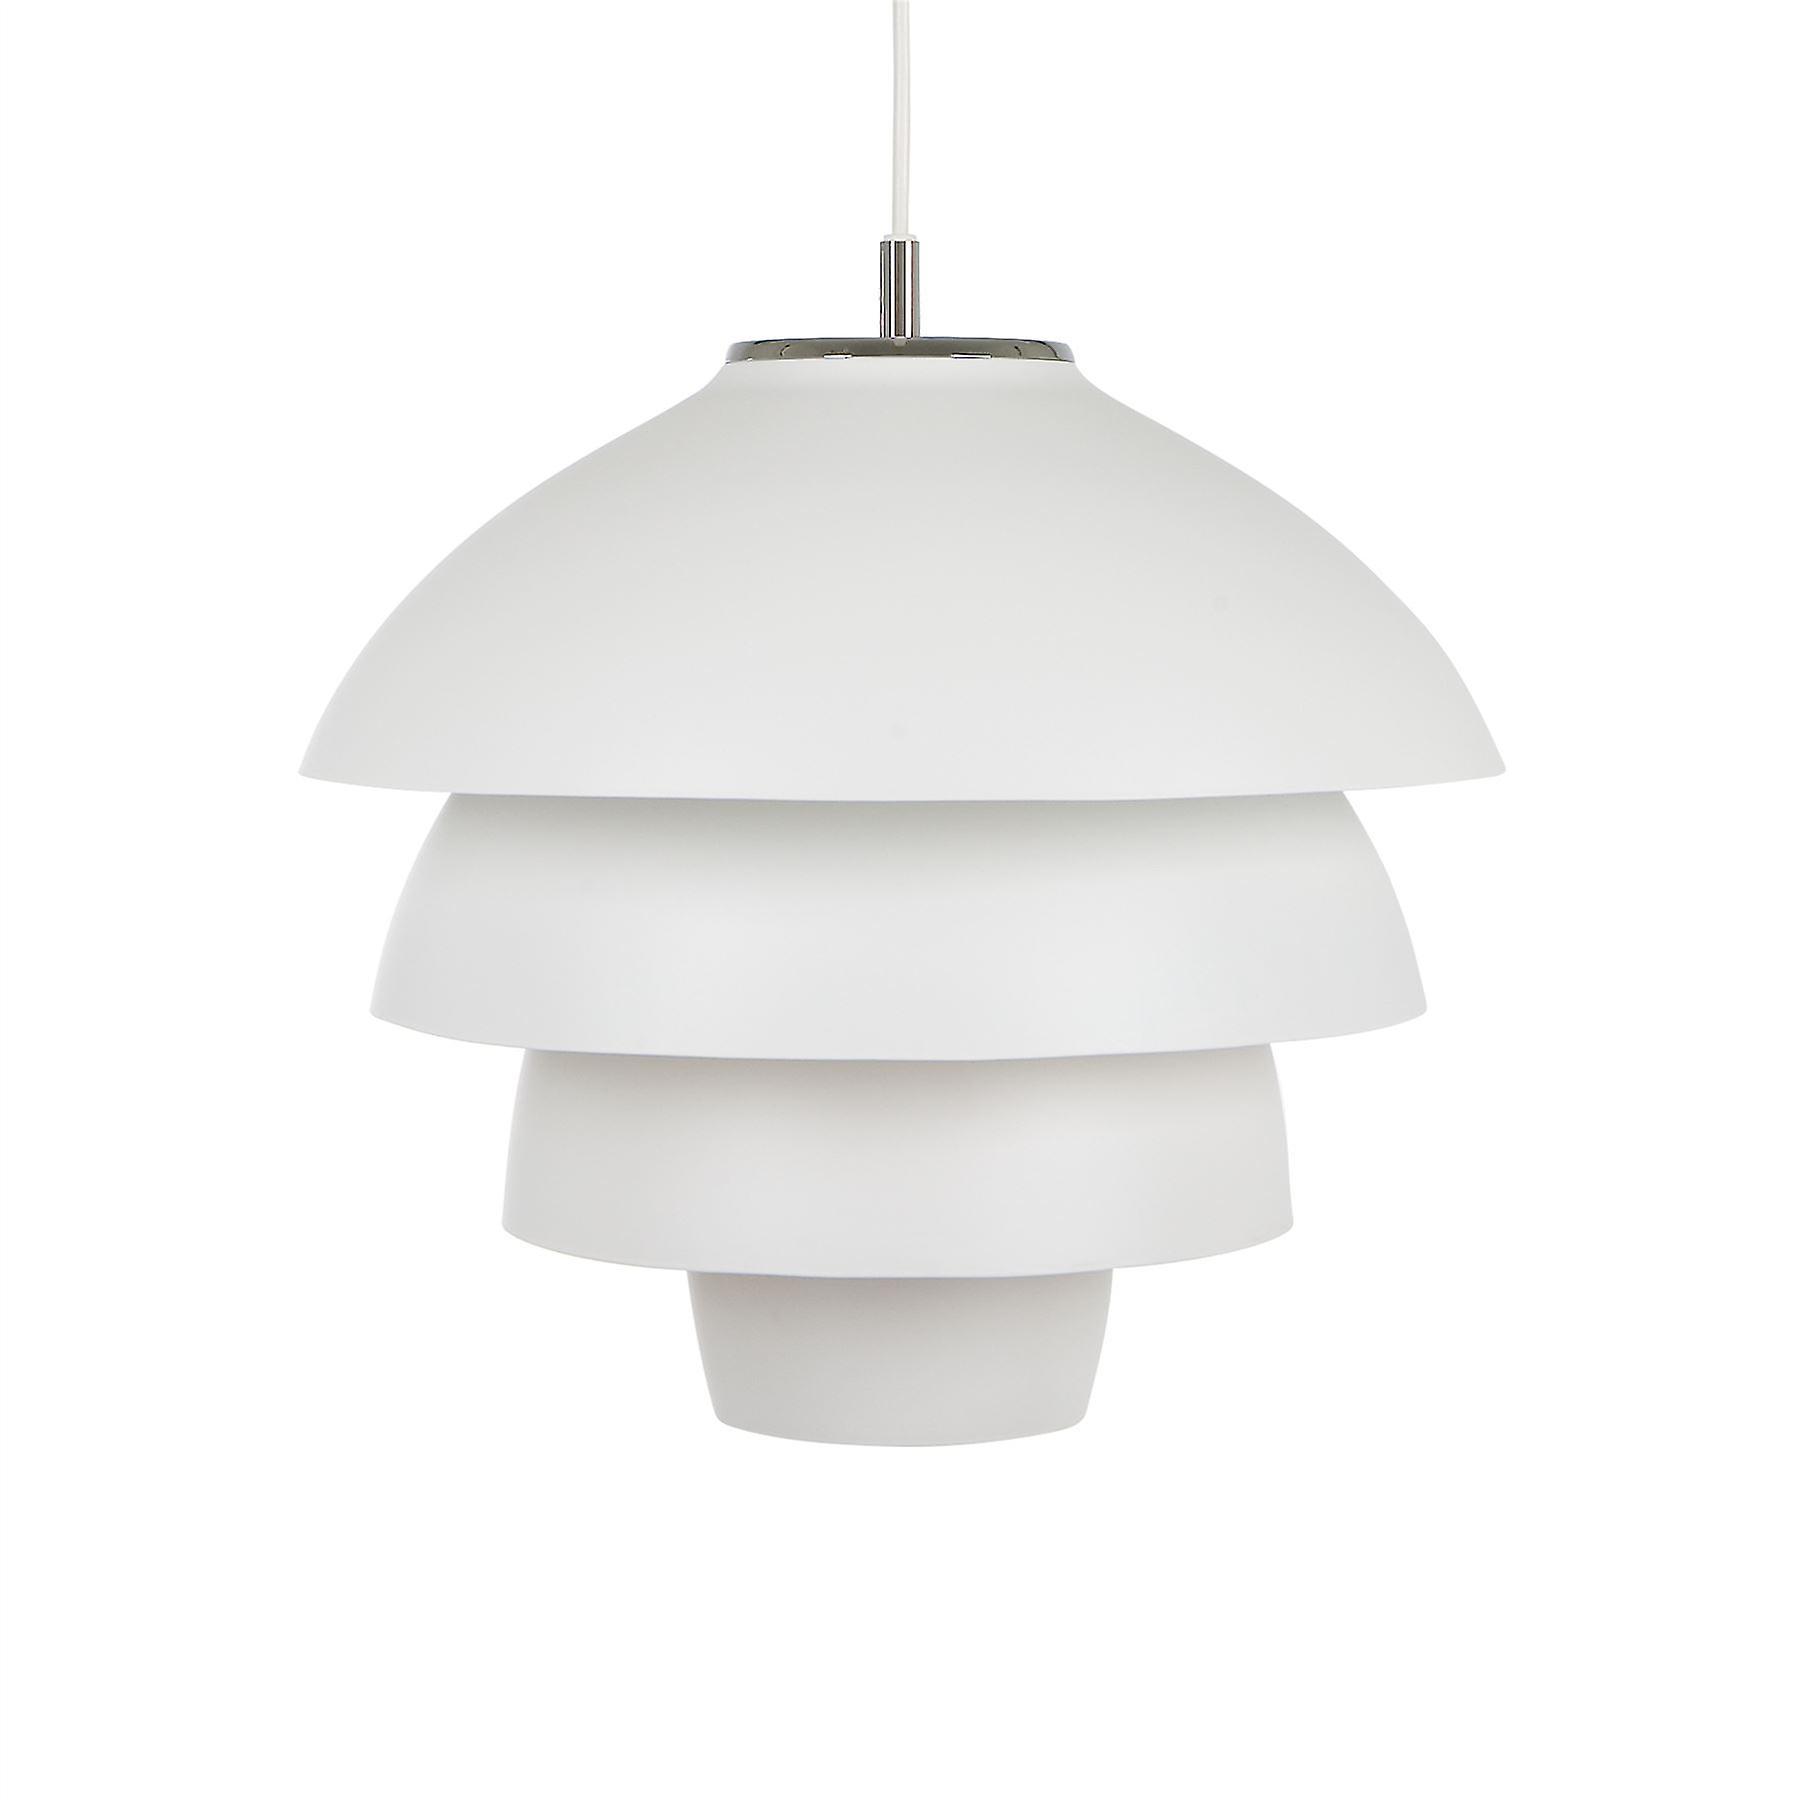 Belid - Valencia LED Pendant Light blanc Finish 110736